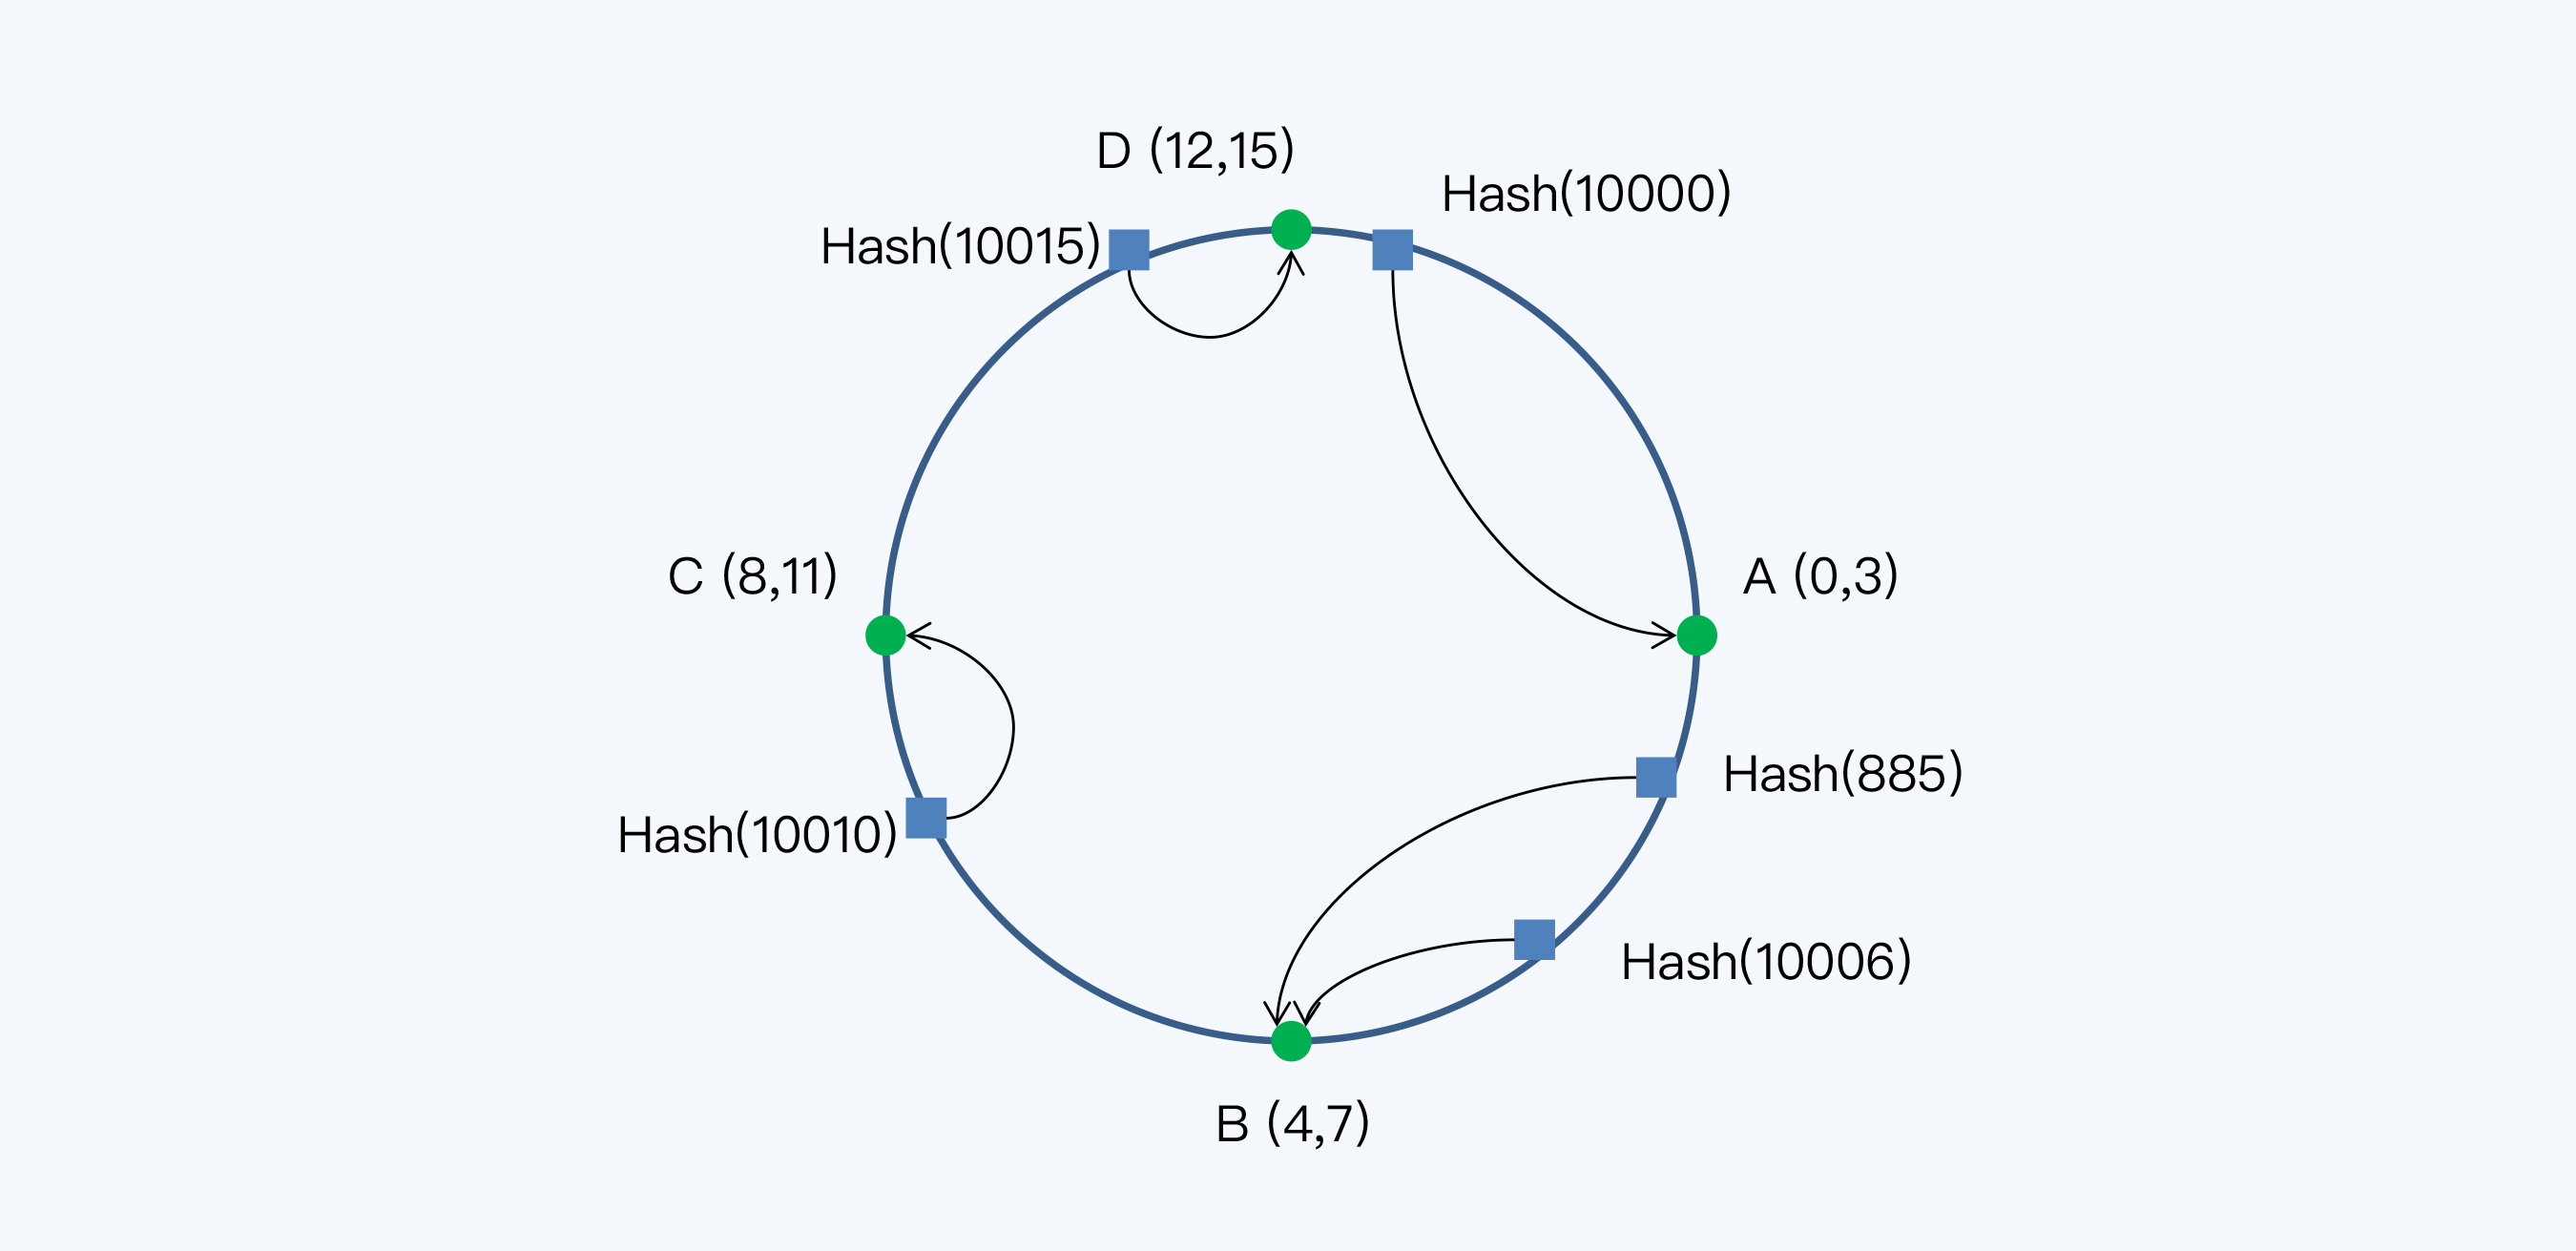 虚拟节点 Hash 环